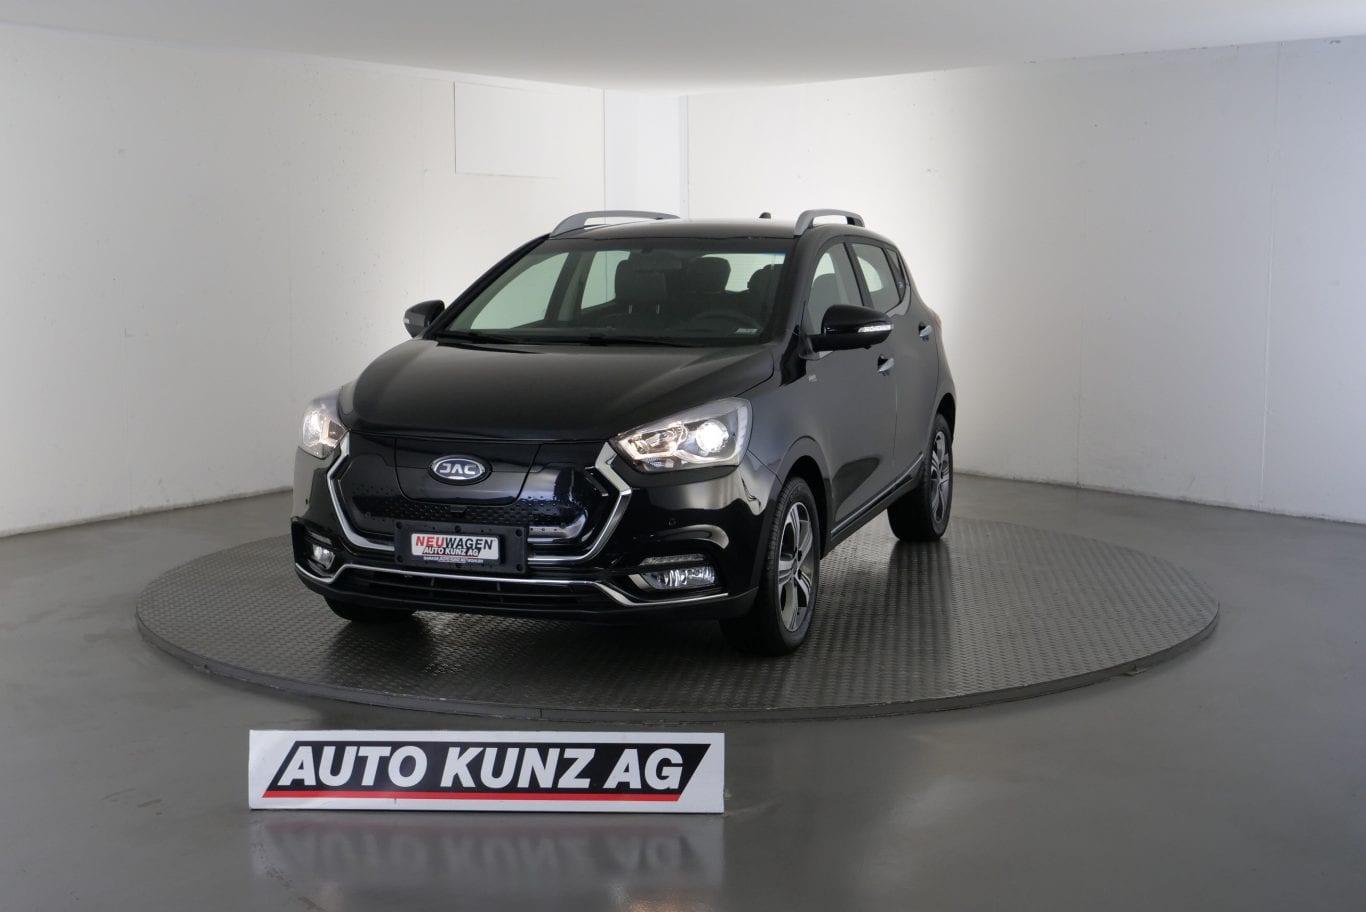 Auto Kunz AG und BLICK schenken Ihnen für drei Monate ein Auto - Auto Kunz AG 2